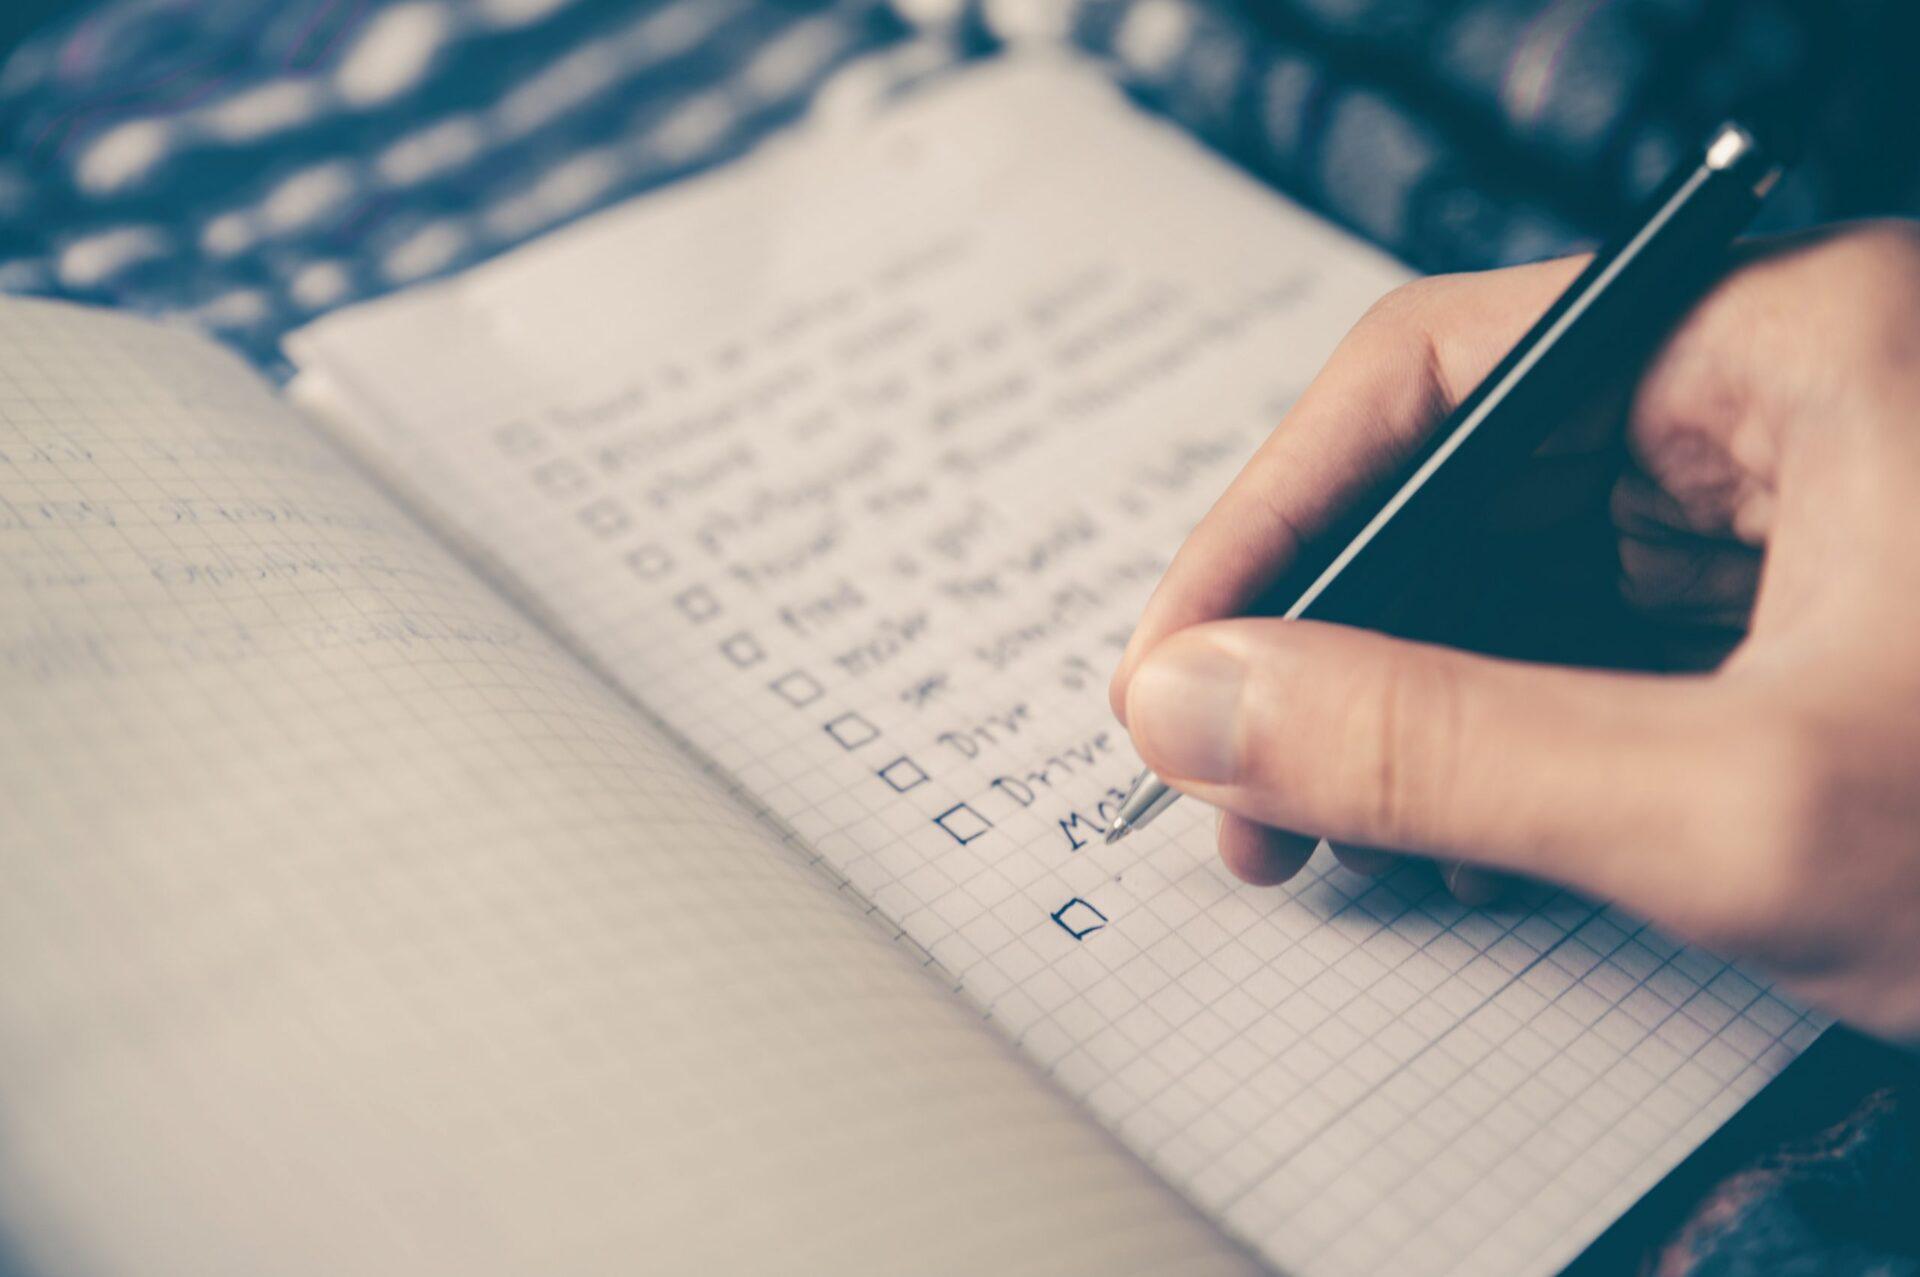 8 dingen die elke katholieke christen elke dag zou moeten doen